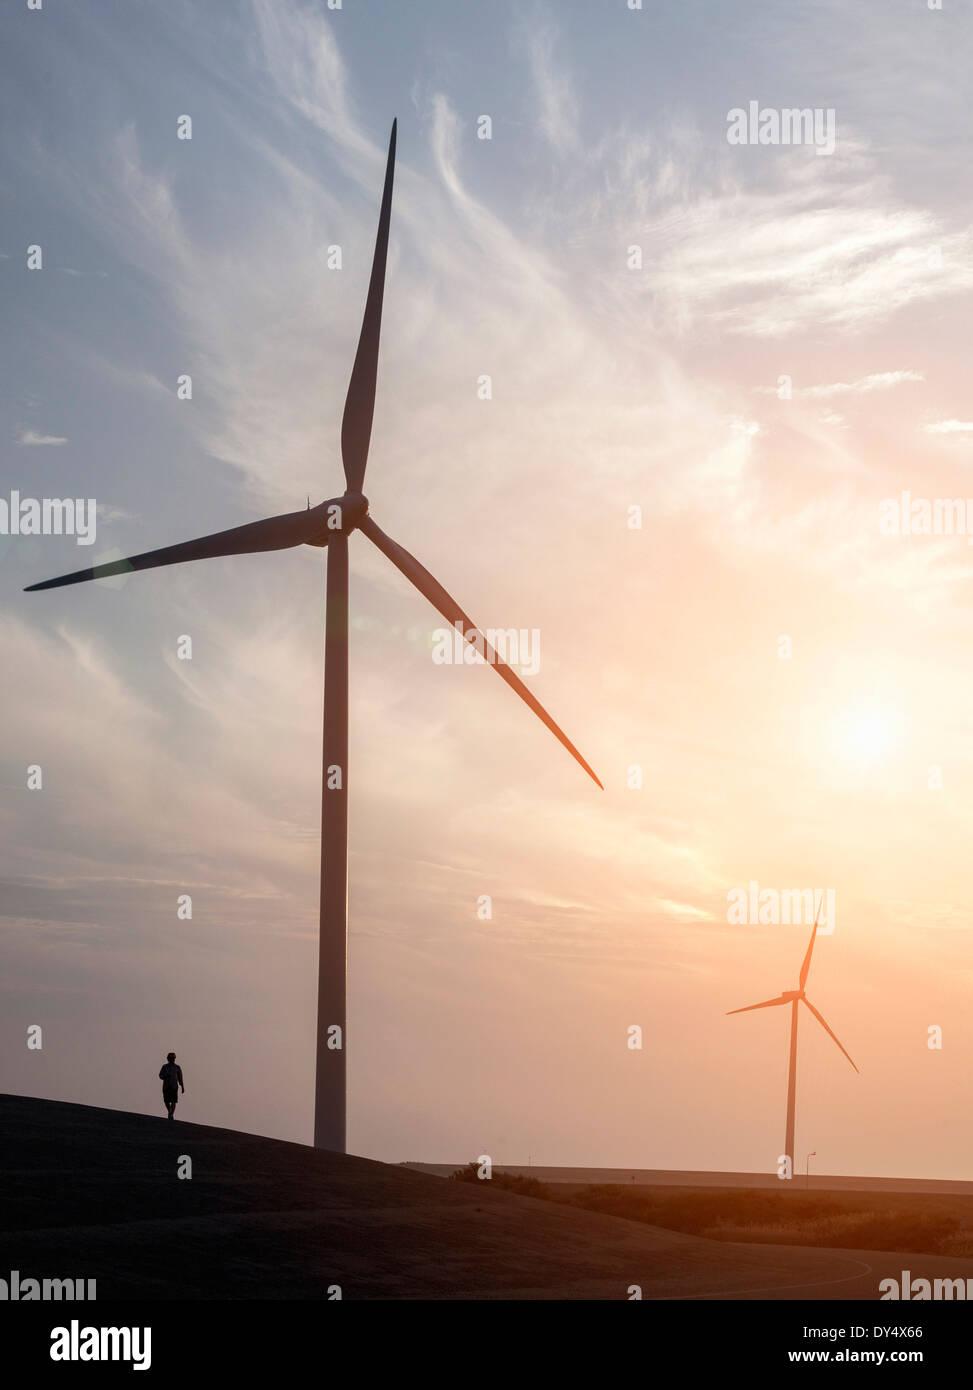 L'uomo passeggiando nei pressi di turbine eoliche e Schelda orientale Storm barriera di sovratensioni progettato per proteggere i Paesi Bassi da inondazioni. Immagini Stock